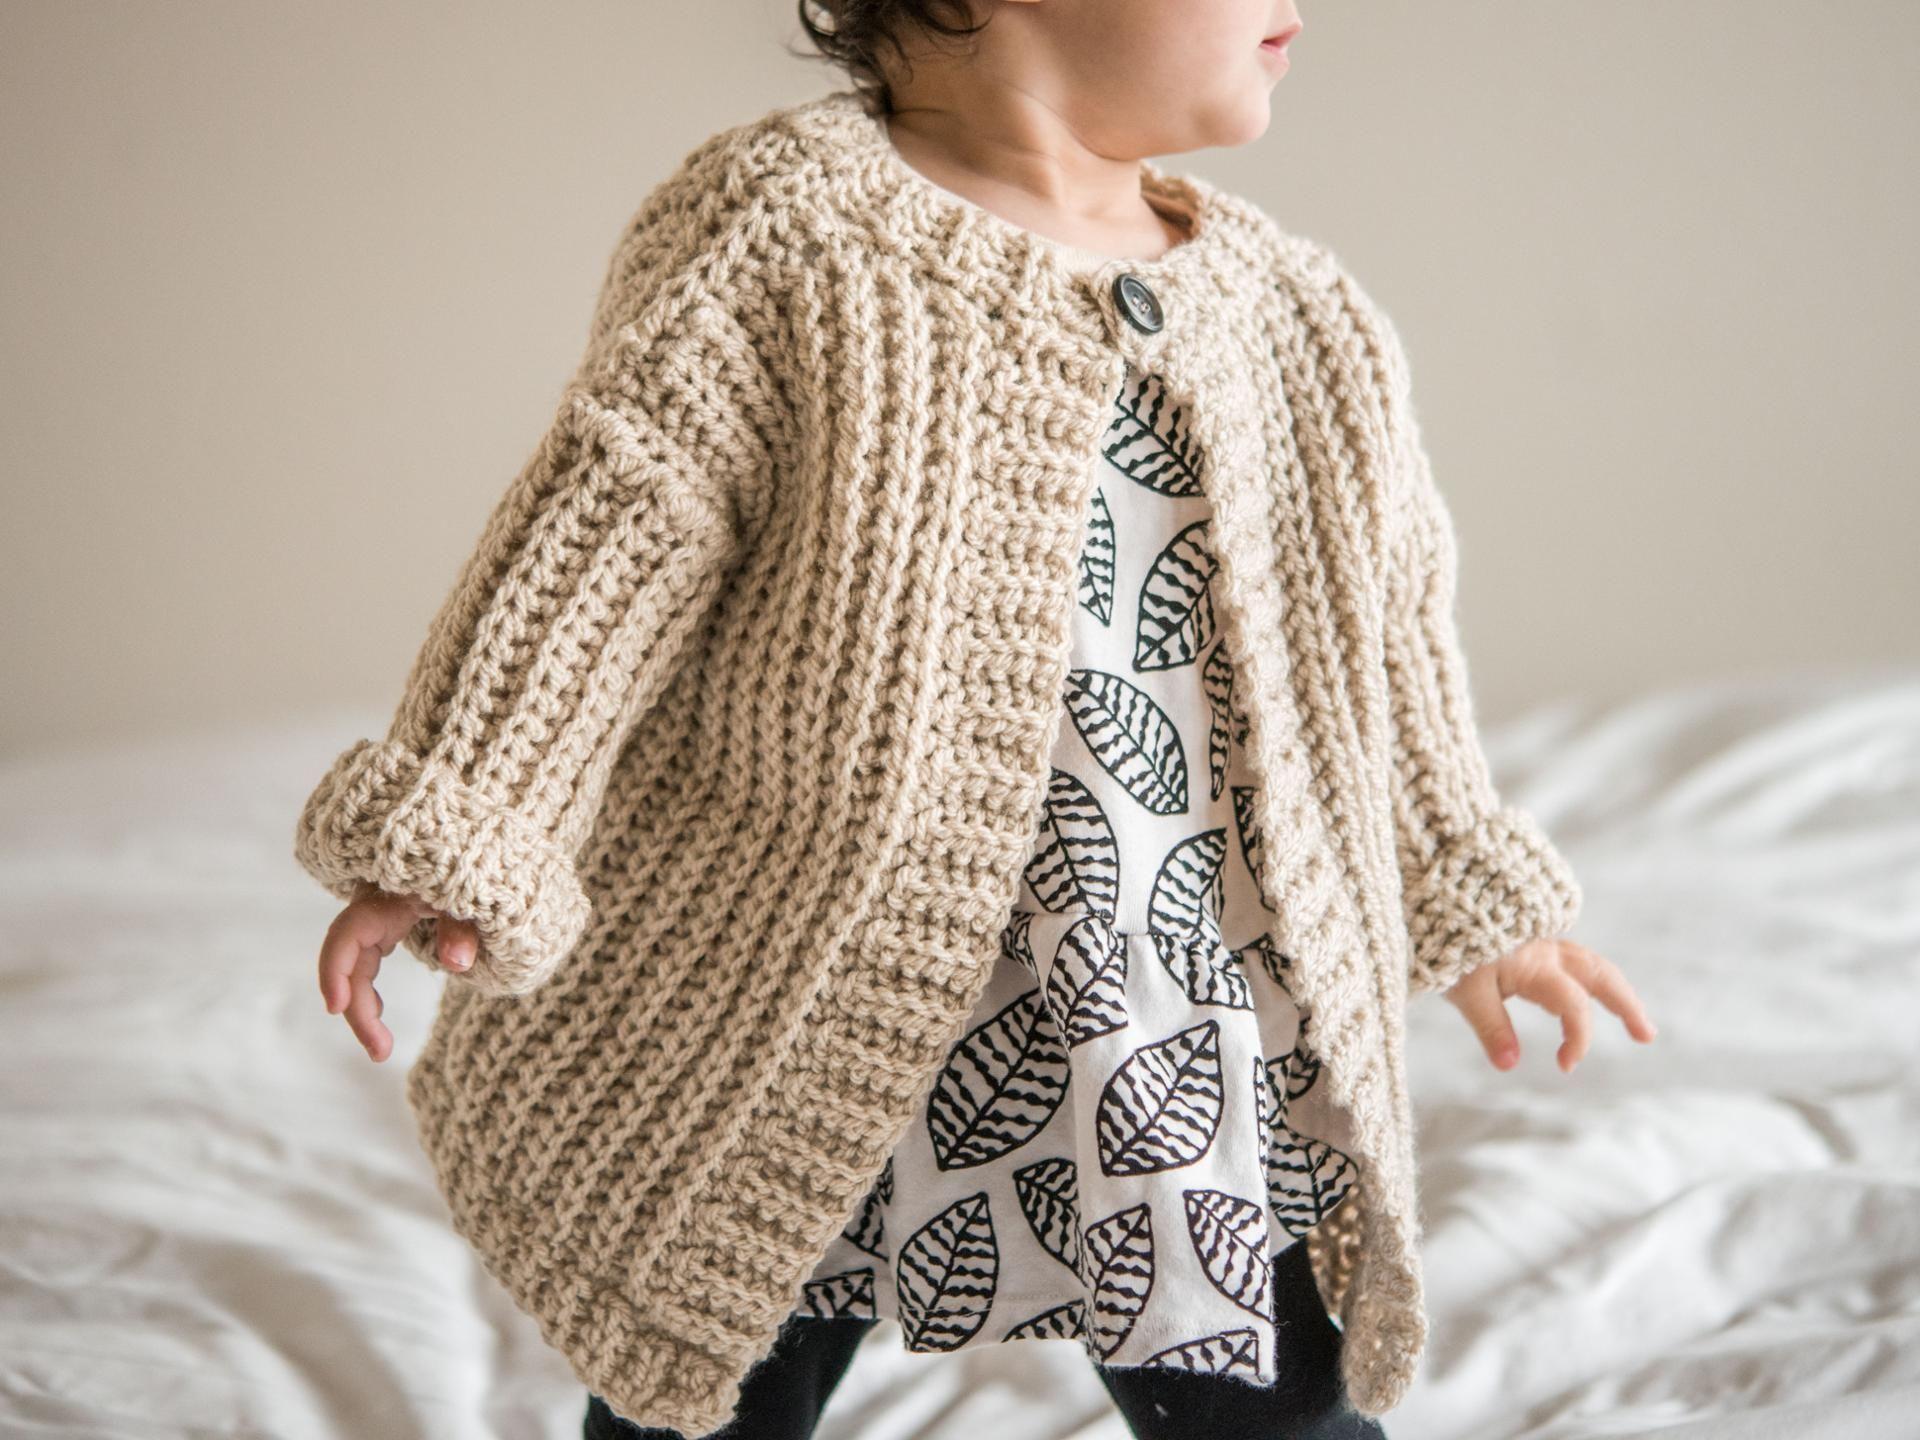 Childs Play Cardigan Crochet Kit Crochet For Baby Kids